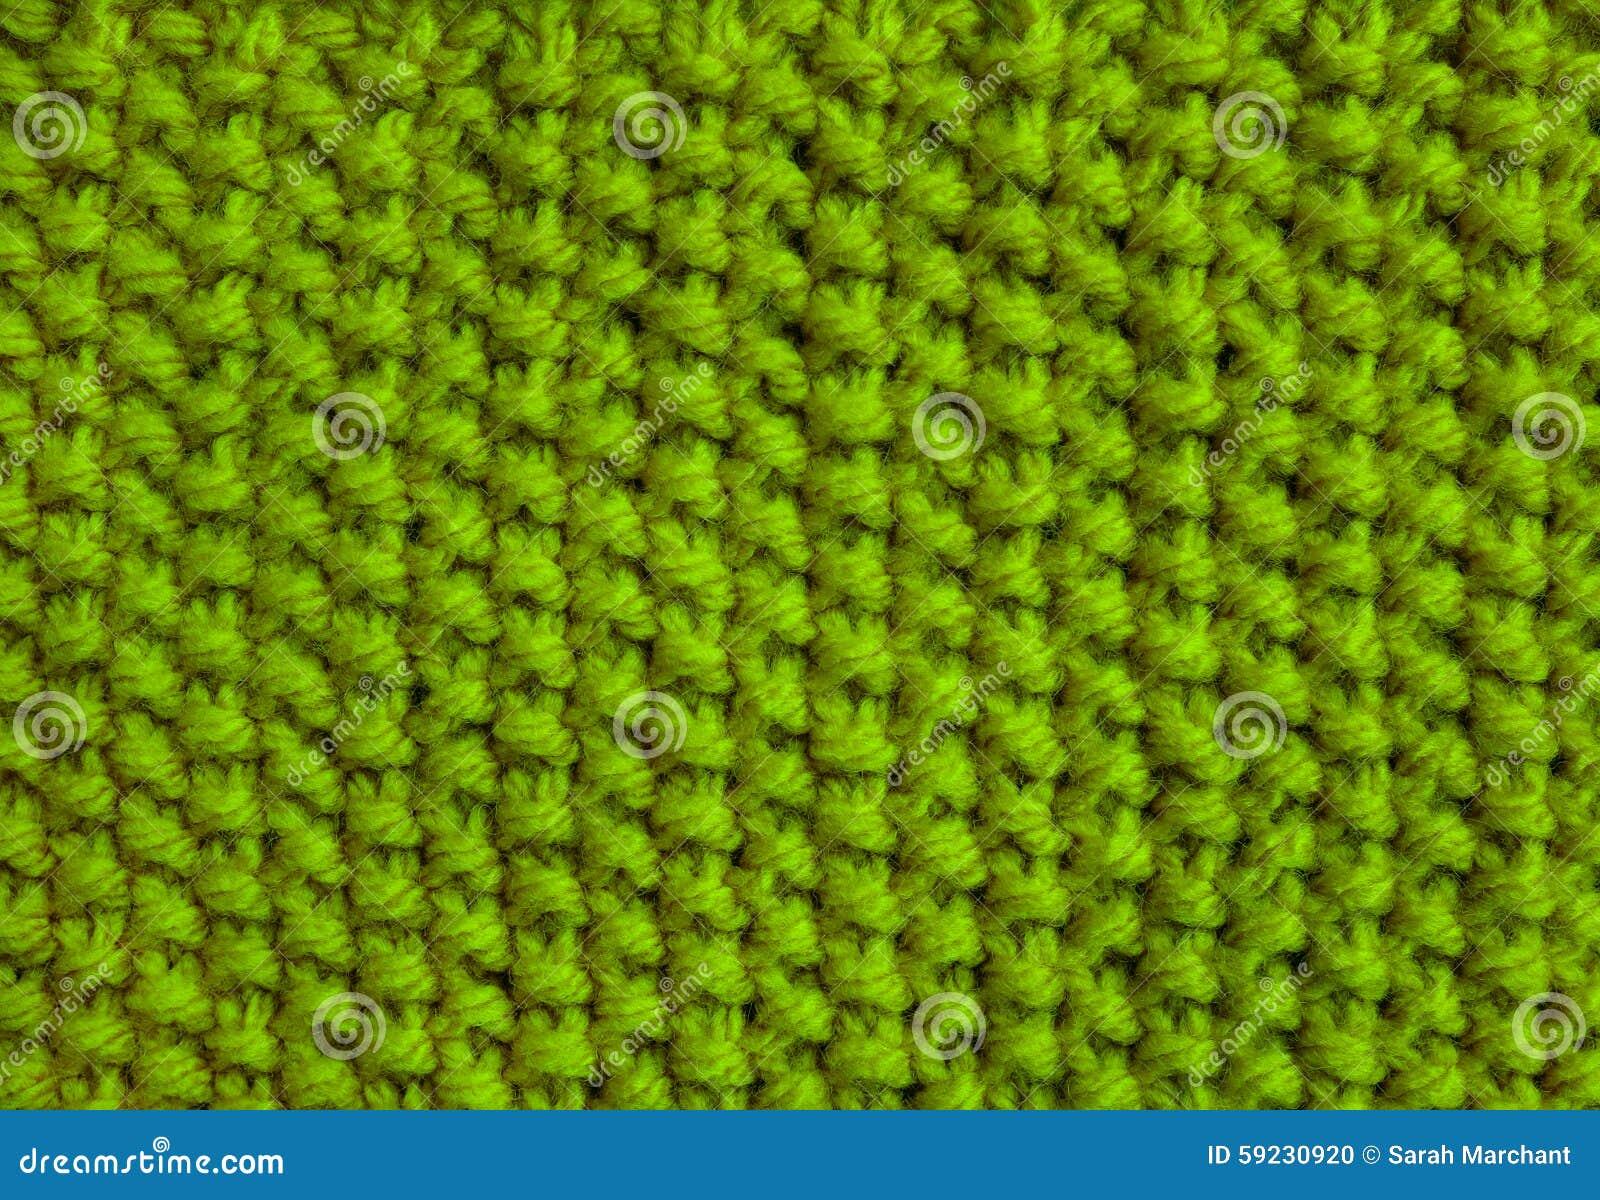 Mossteek het breien in groene wol